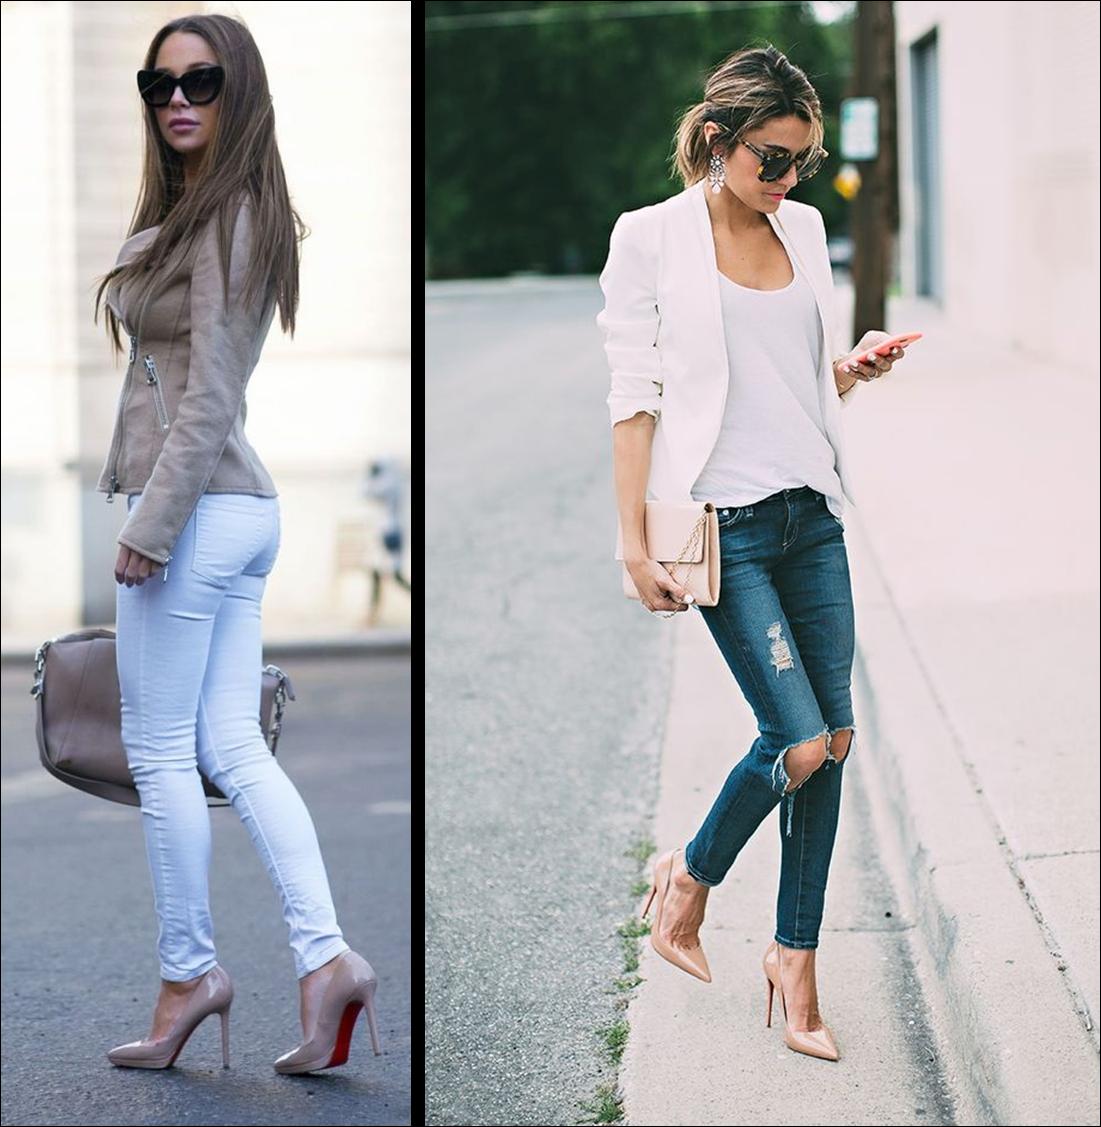 Con jeans y colores claros se ven súper bonitos pero también los podemos  combinar con prendas en colores oscuros!